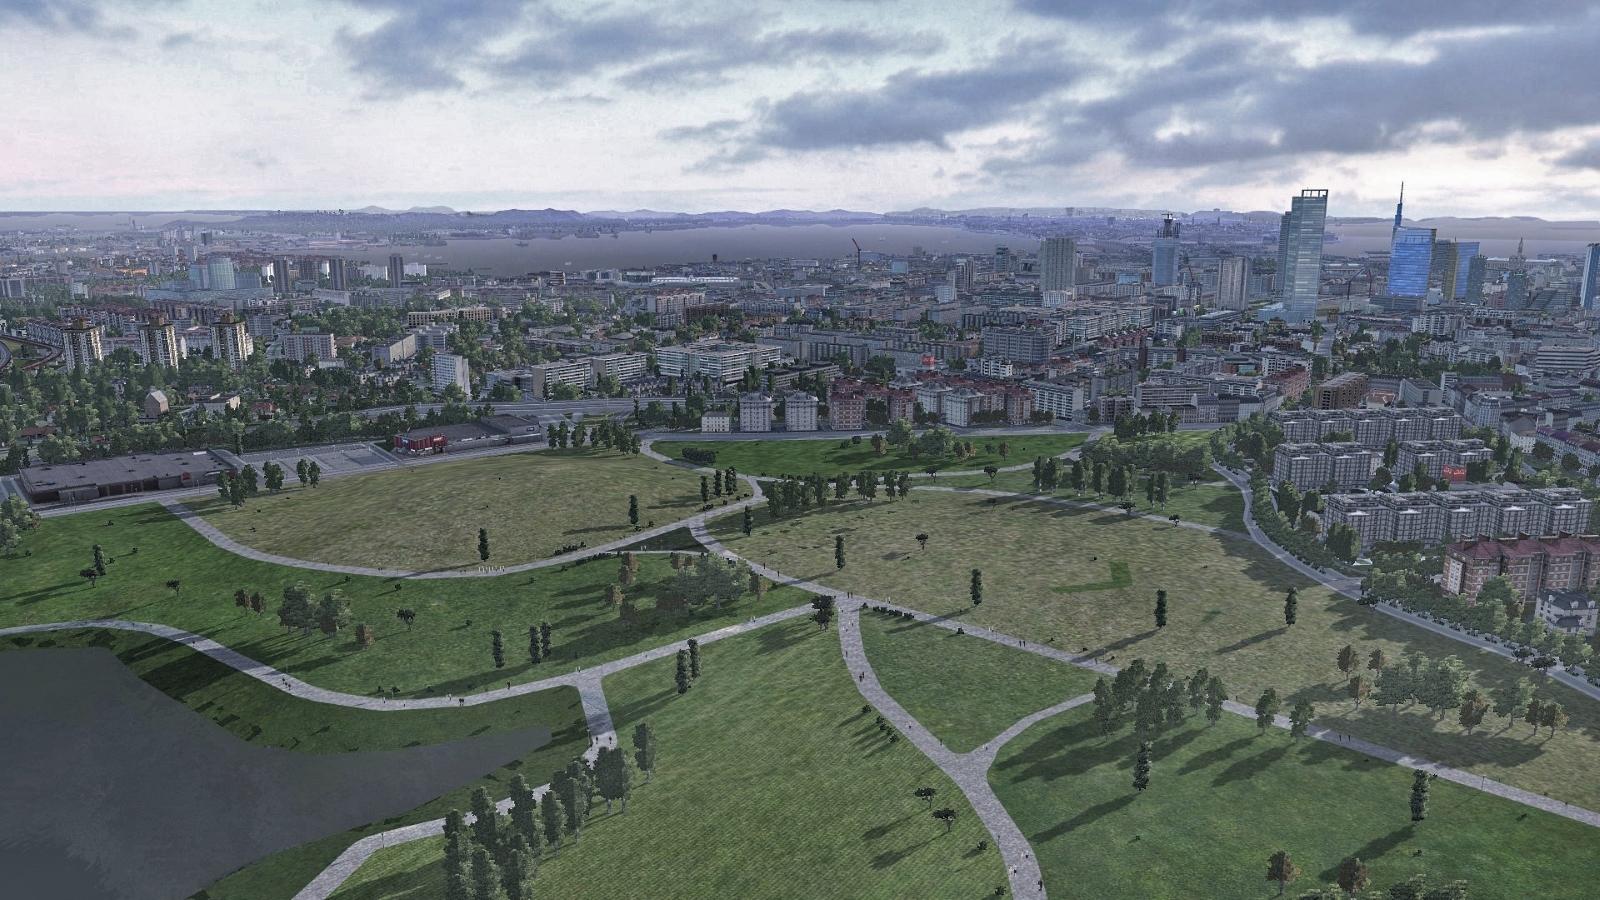 Parc de la ville d Anderlecht.jpg